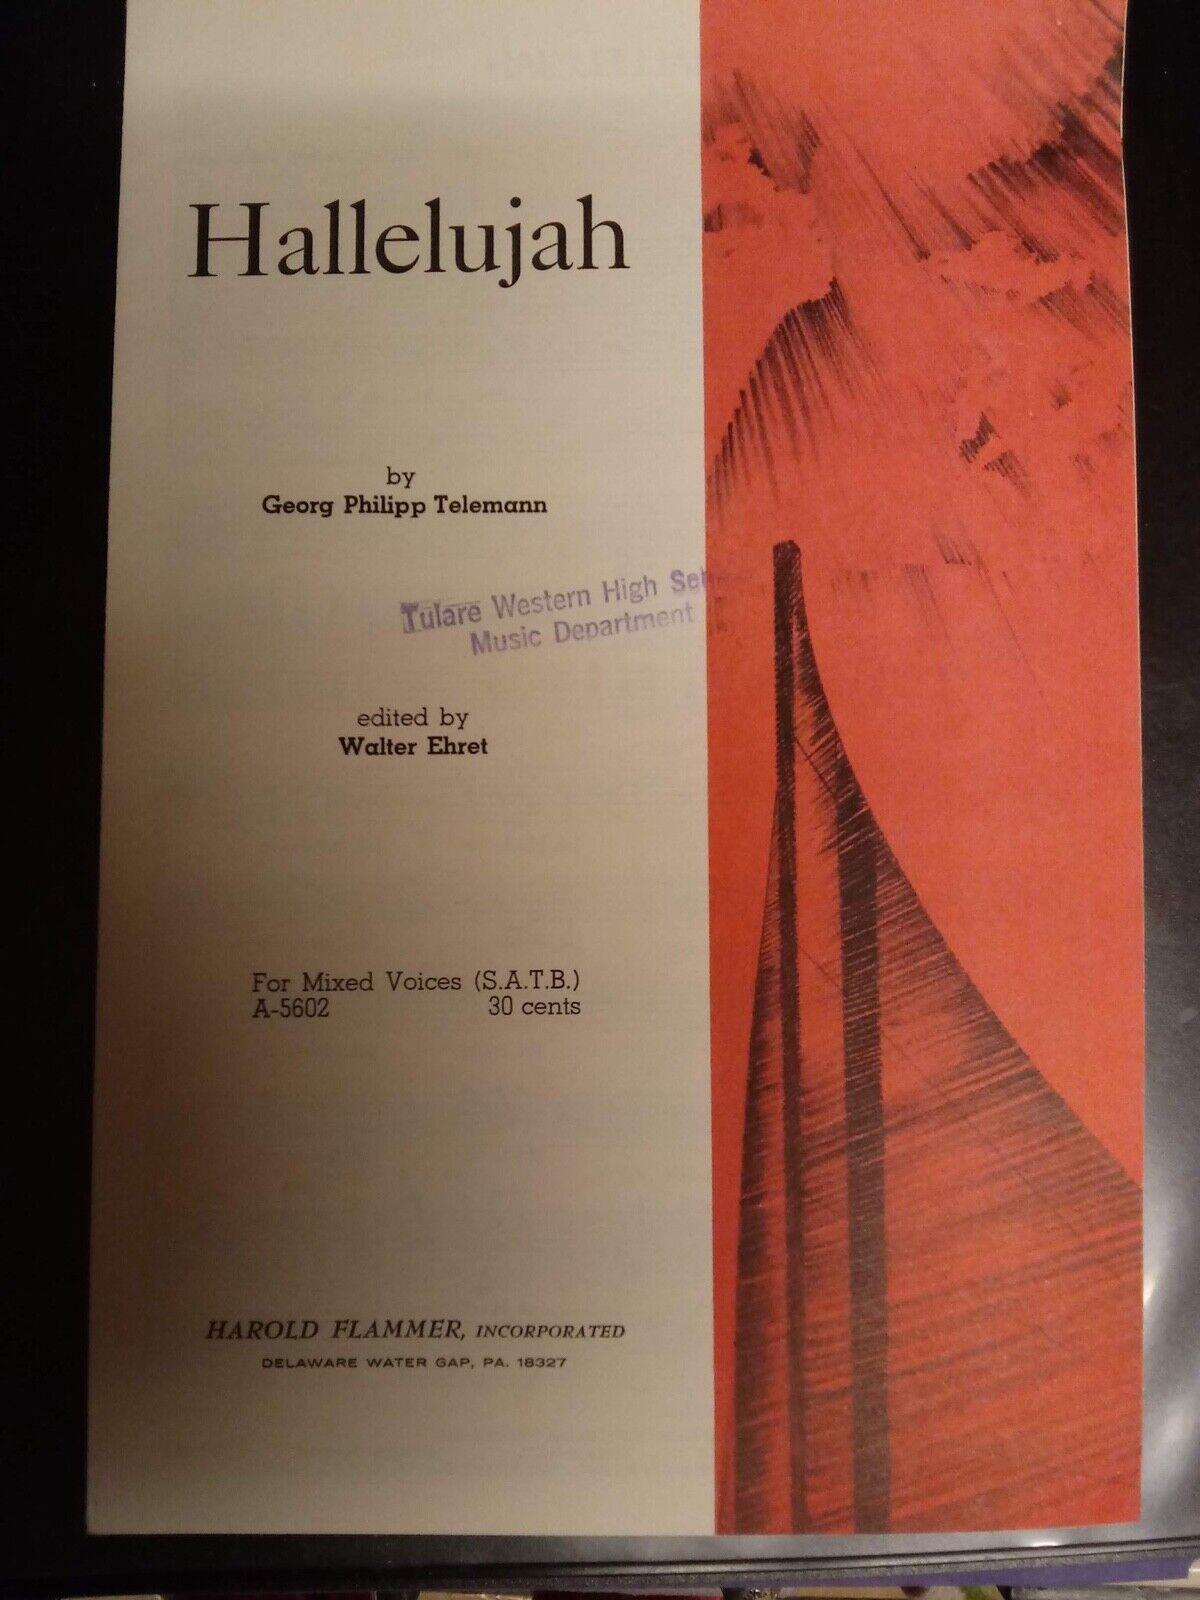 Church Choral Sheet Music Hallelujah Telemann/Ehret SATB 10 Copies - $3.99